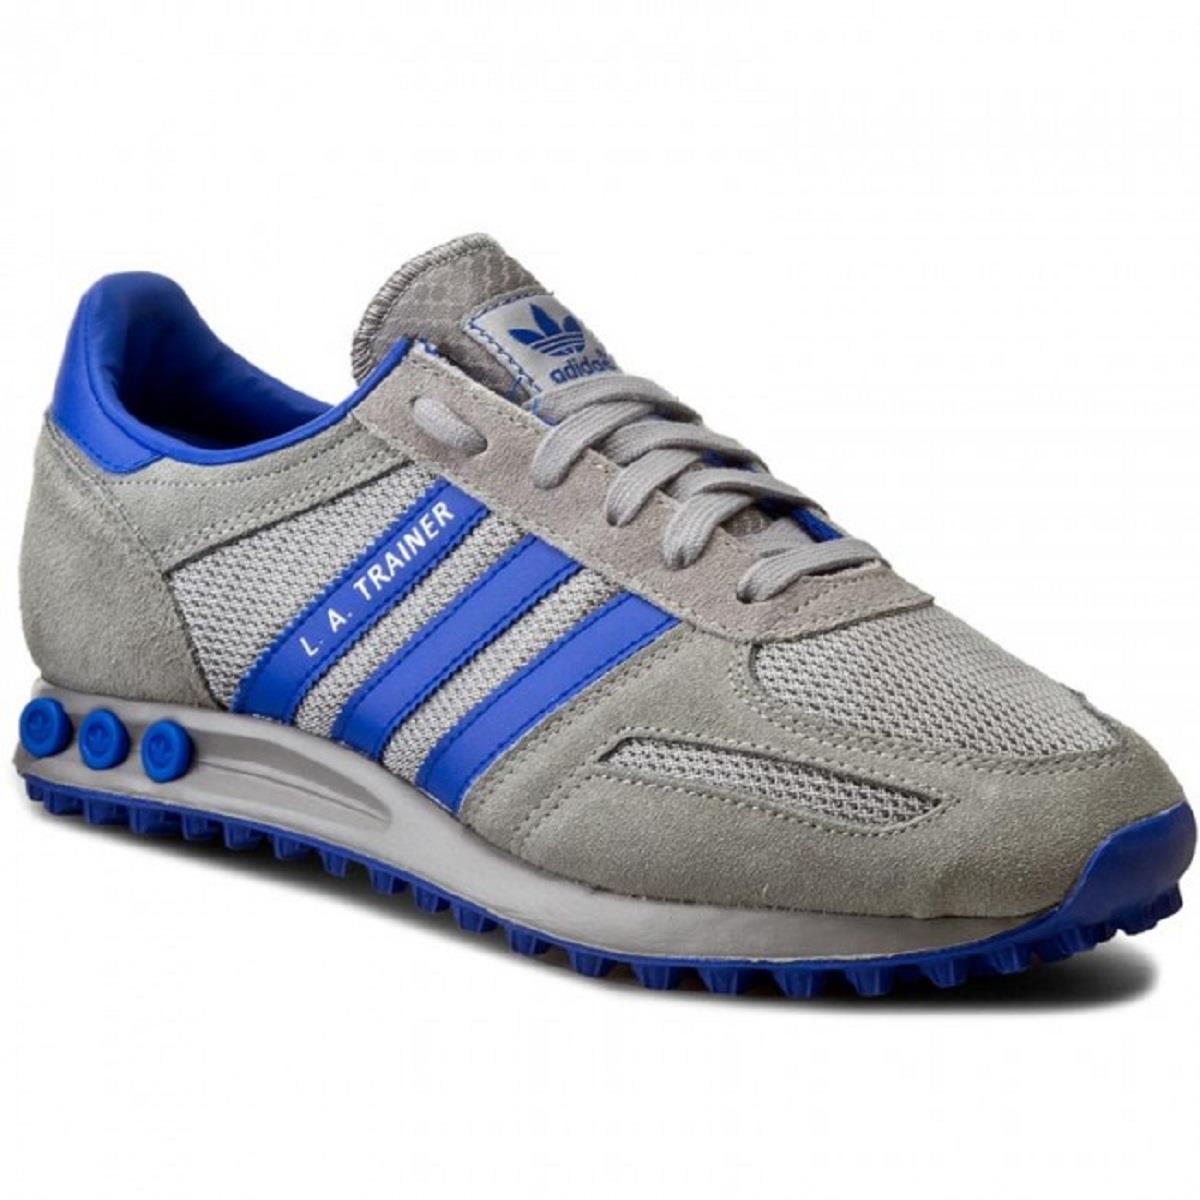 Adidas Scarpe Training paintballitaliamagazine.it 7b97e99494c